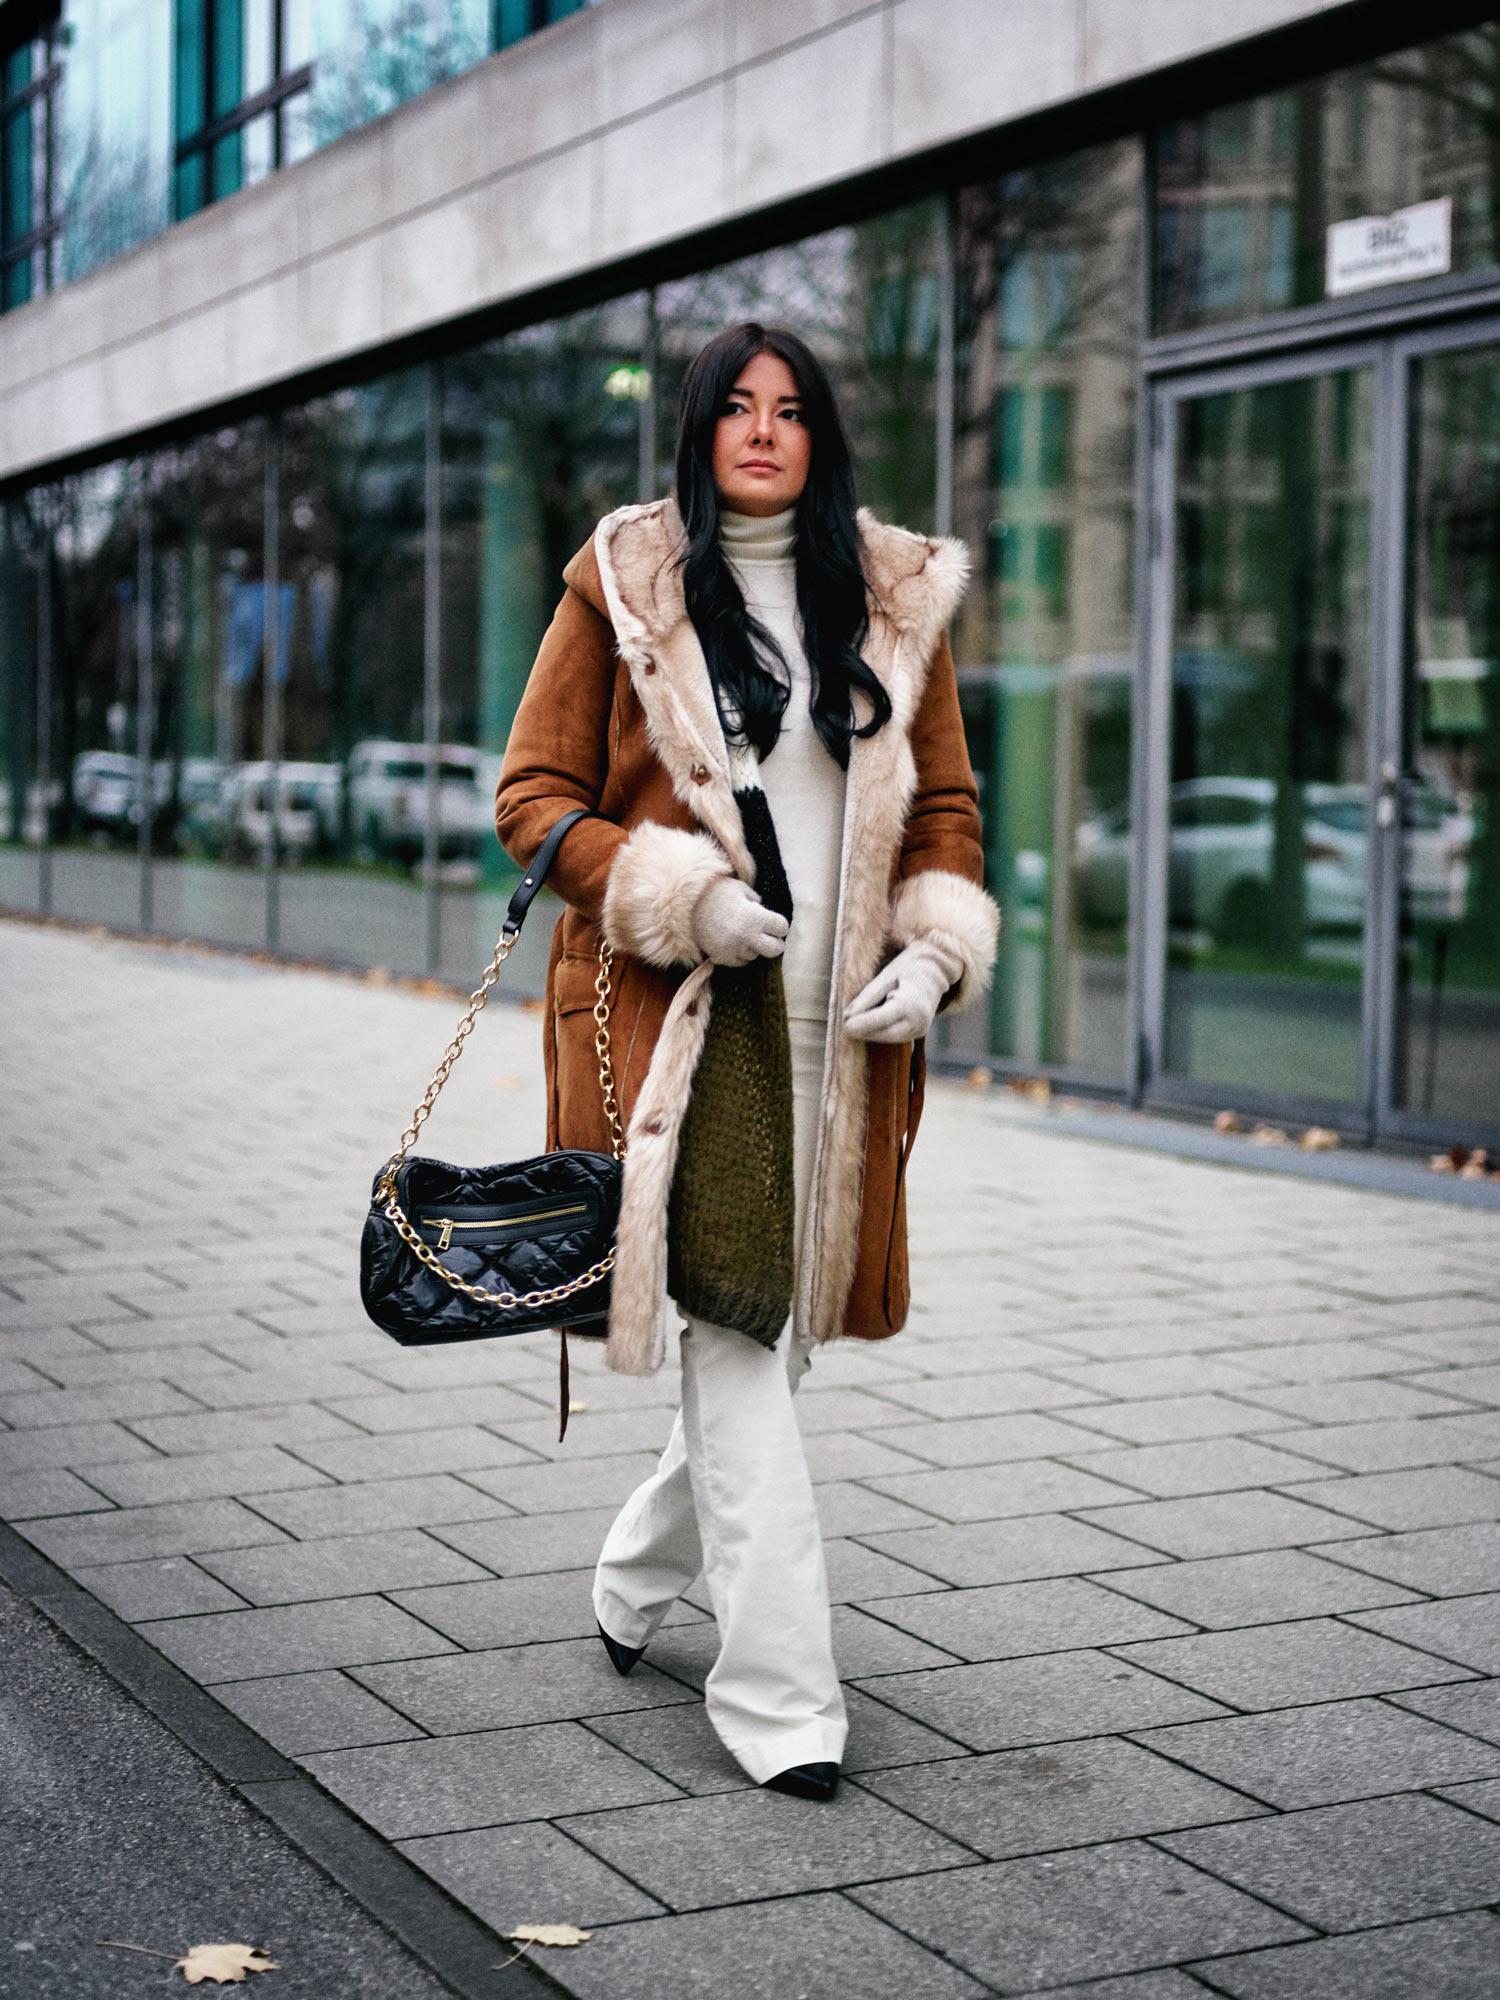 fashion-blogger-aus-muenchen-fashionblogger-lifestyleblogger-beautyblogger-fashion-blogger-modeblogger-modeblog-munich-blog-muenchen-layering-look-mit-123-paris